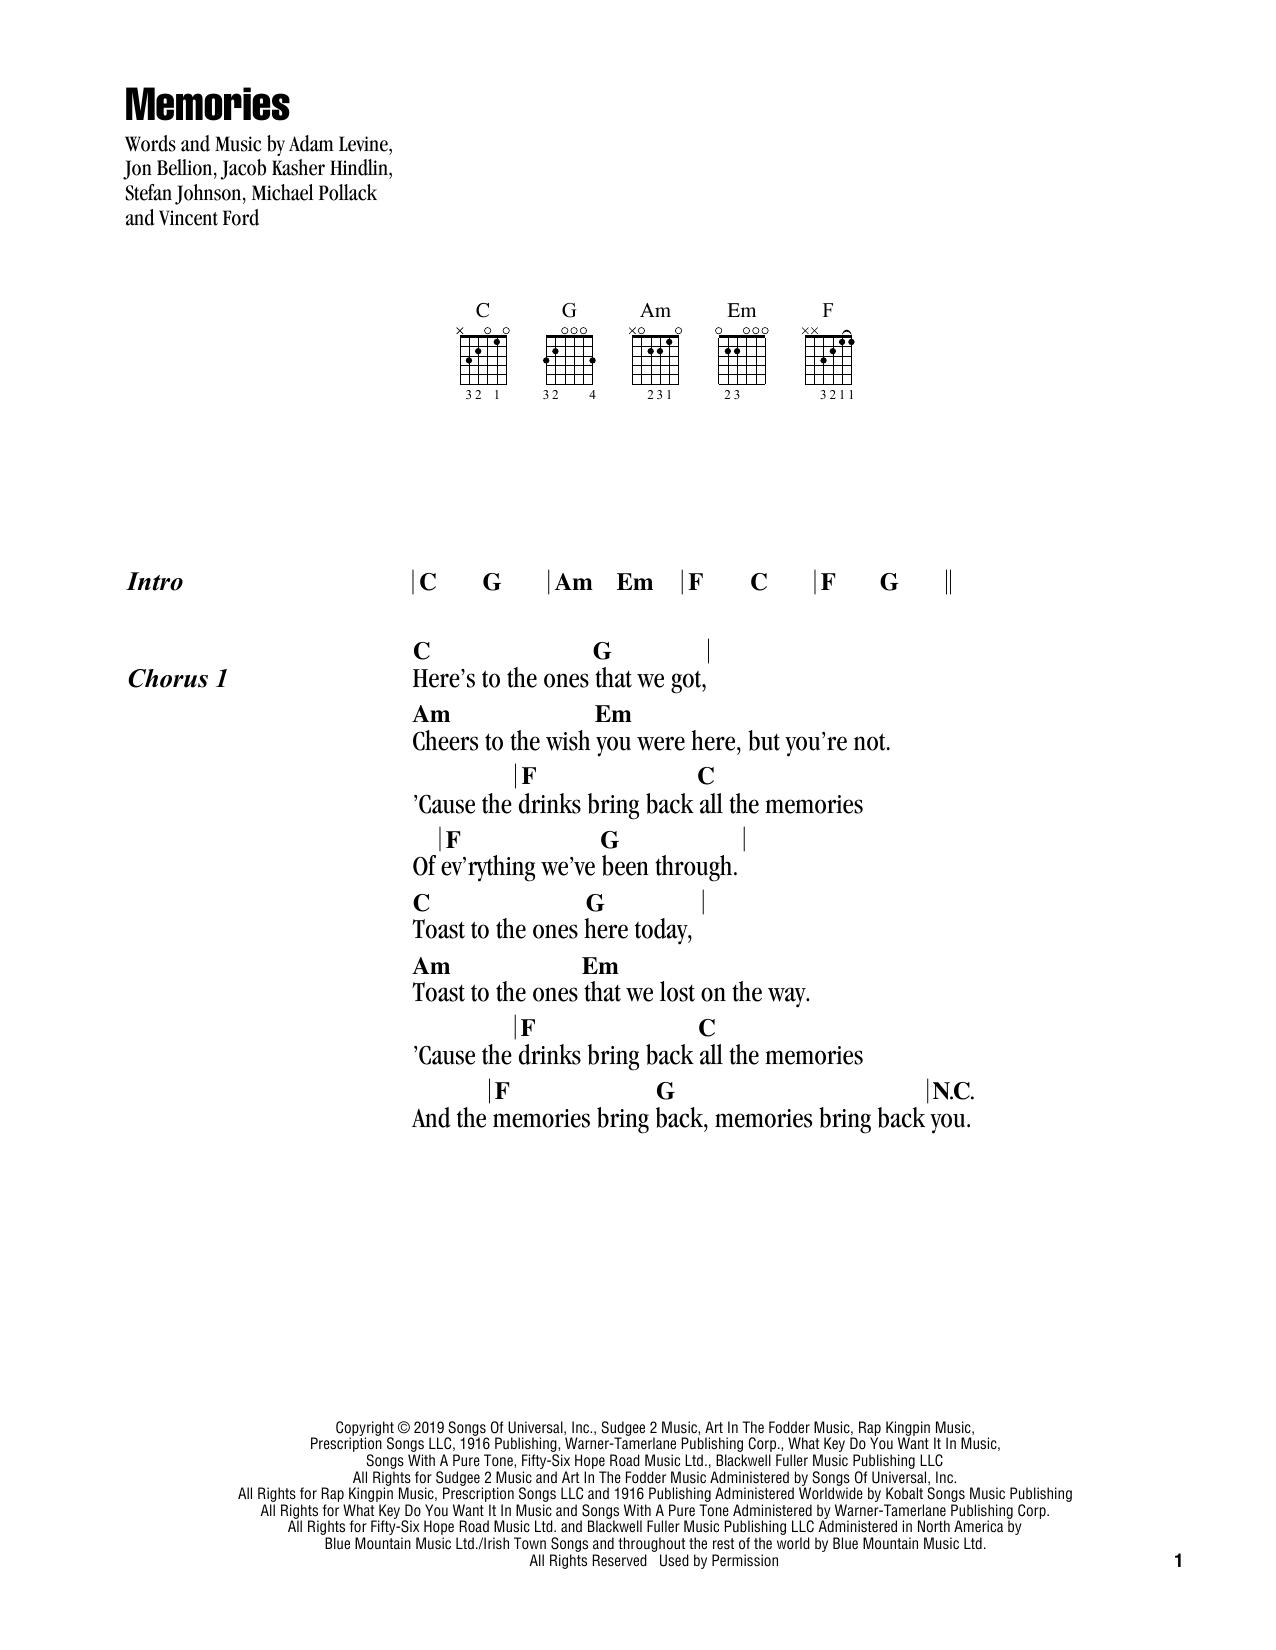 Memories Sheet Music Maroon 5 Guitar Chords Lyrics